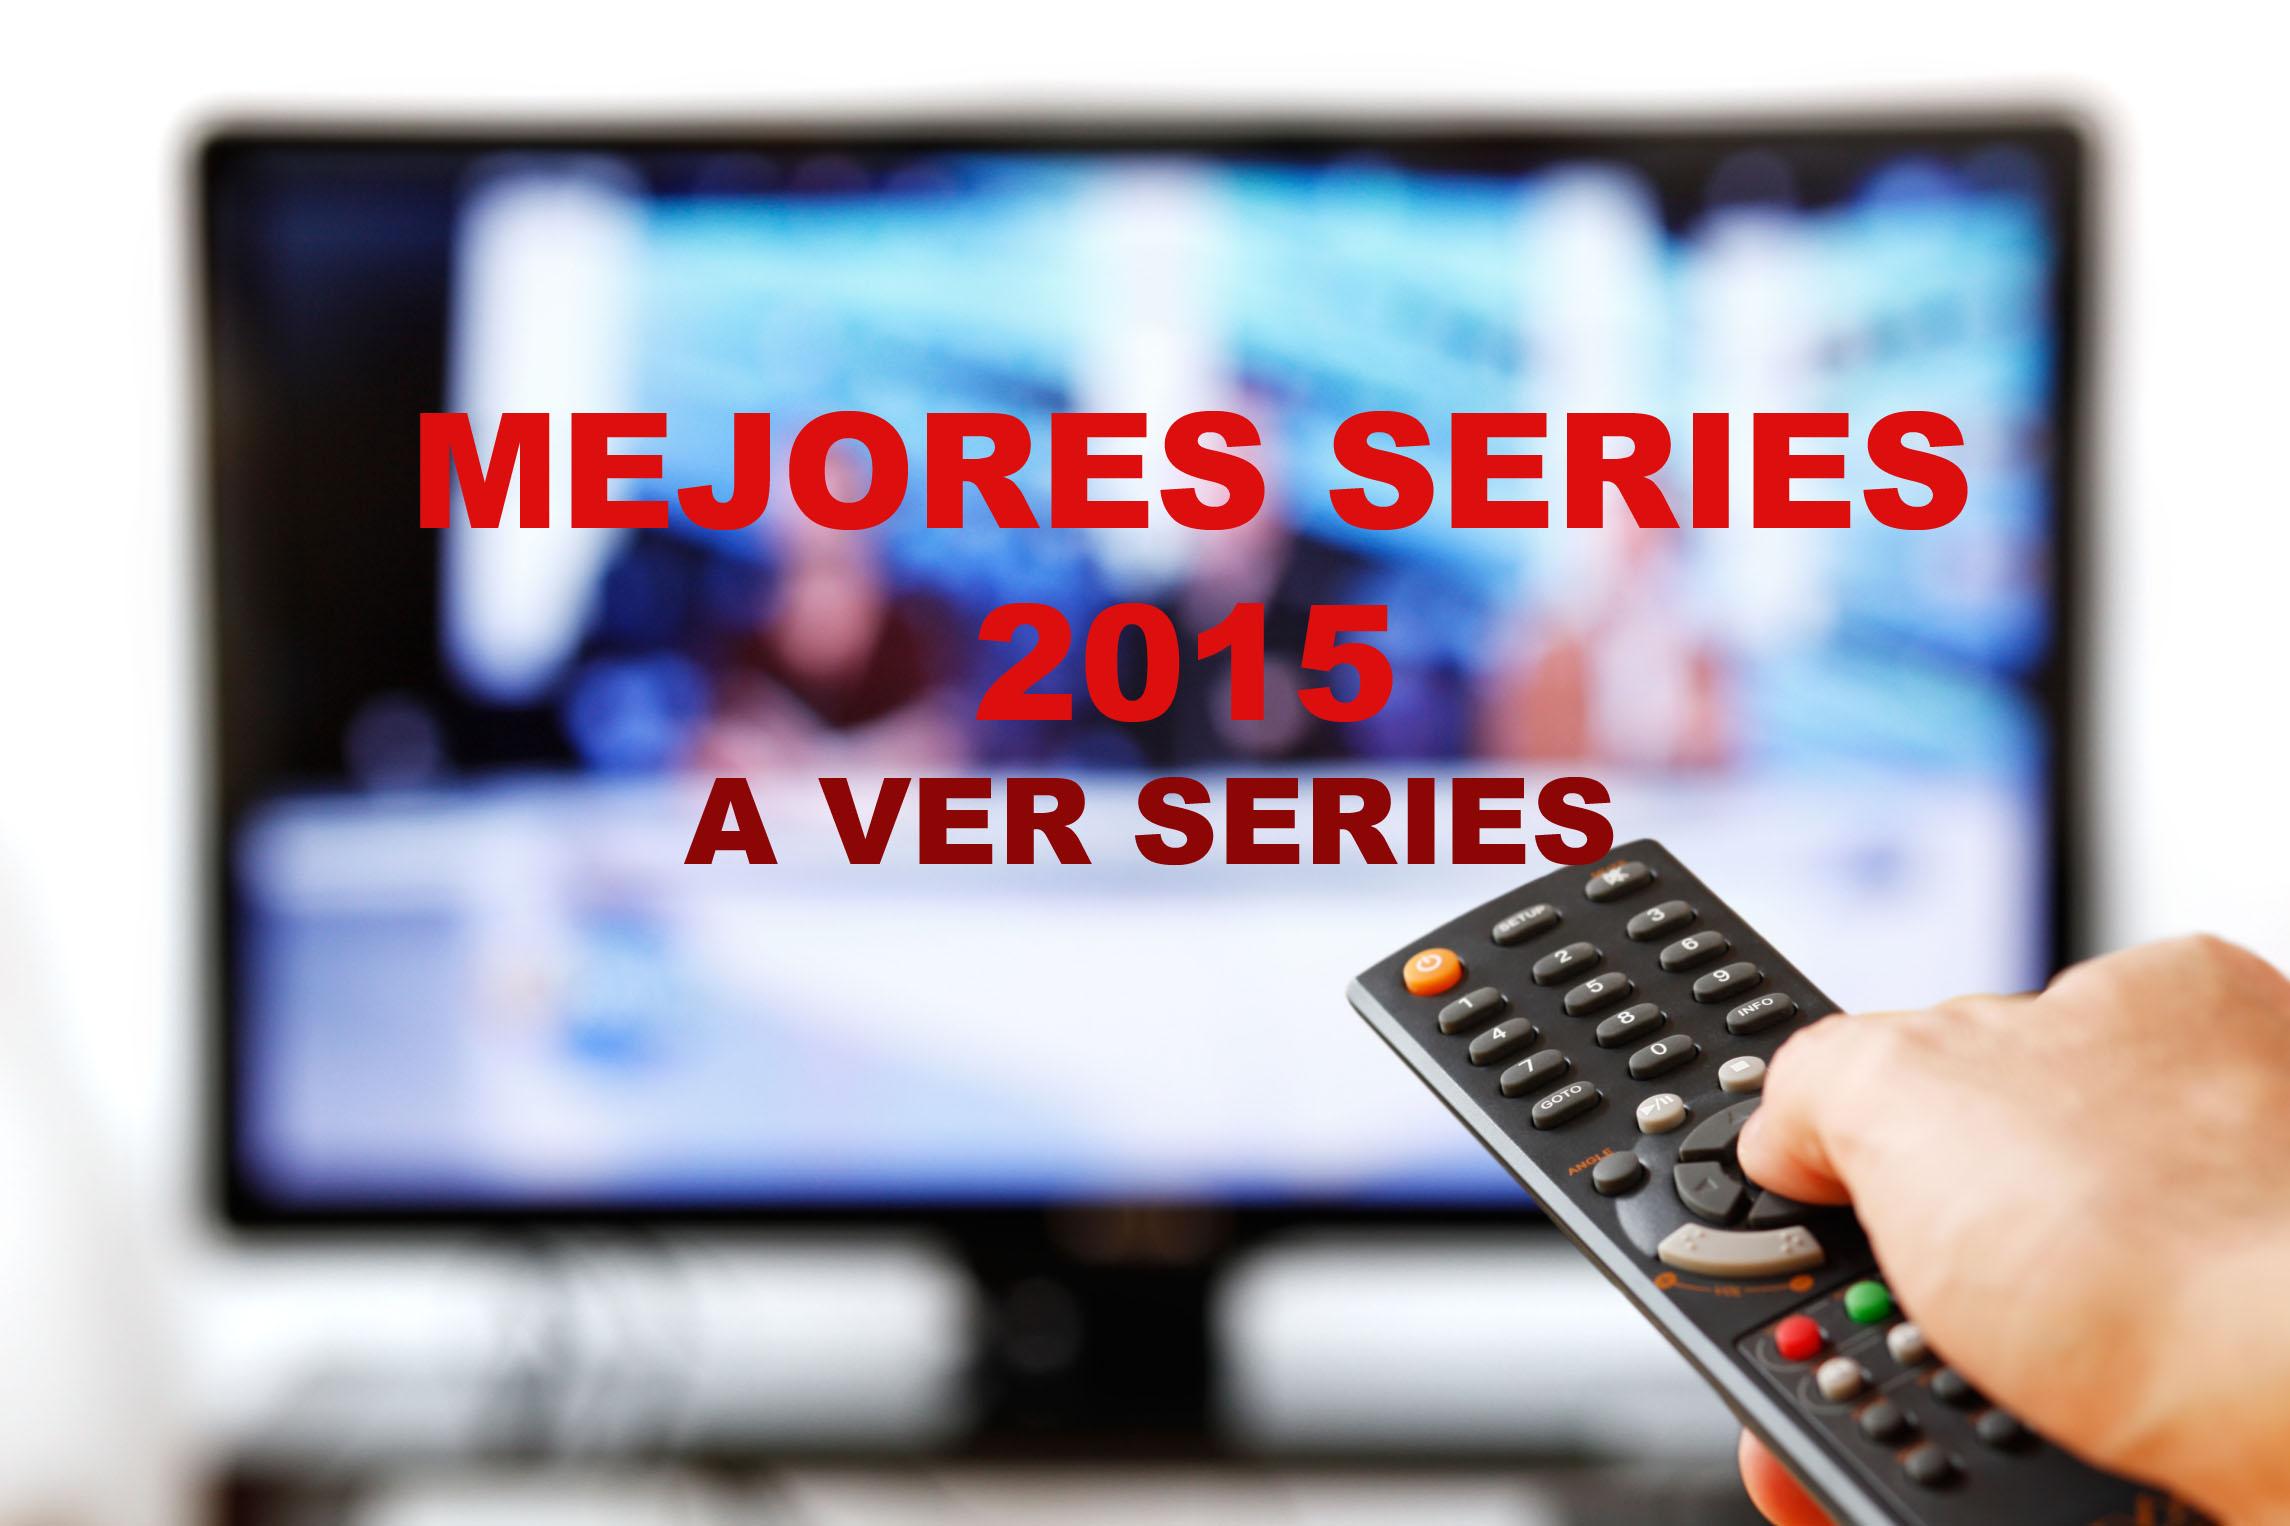 mejores series 2015_averseries